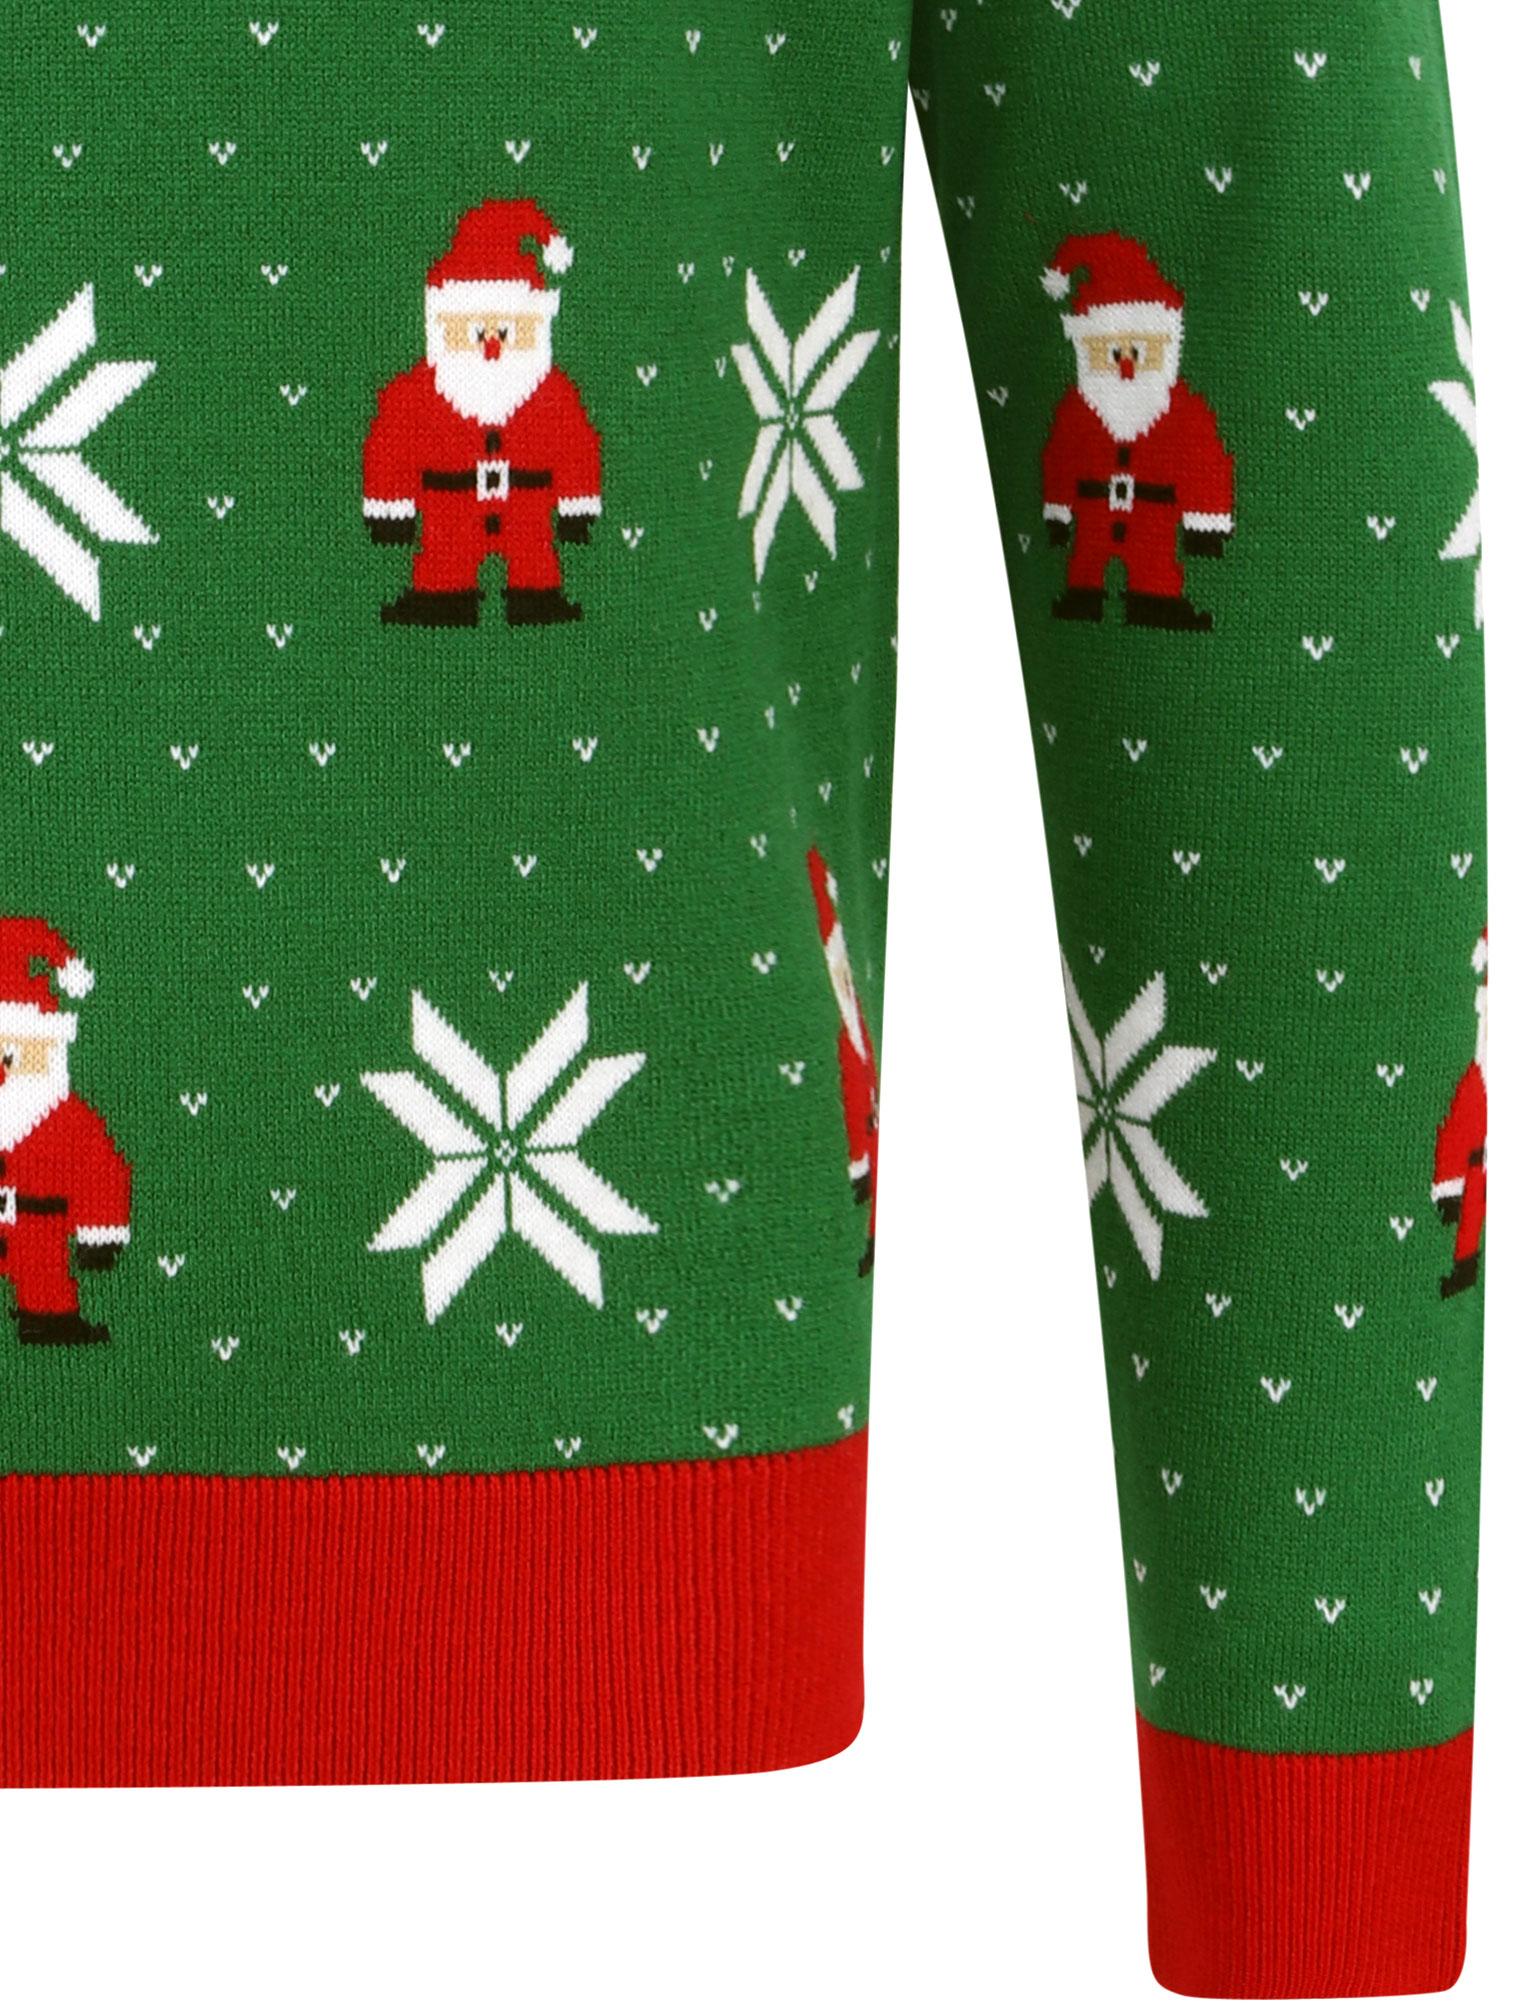 Feliz-Navidad-Para-Hombre-Novedad-Navidad-Sueter-Santa-Elfo-Reno-divertido-Cerveza miniatura 76